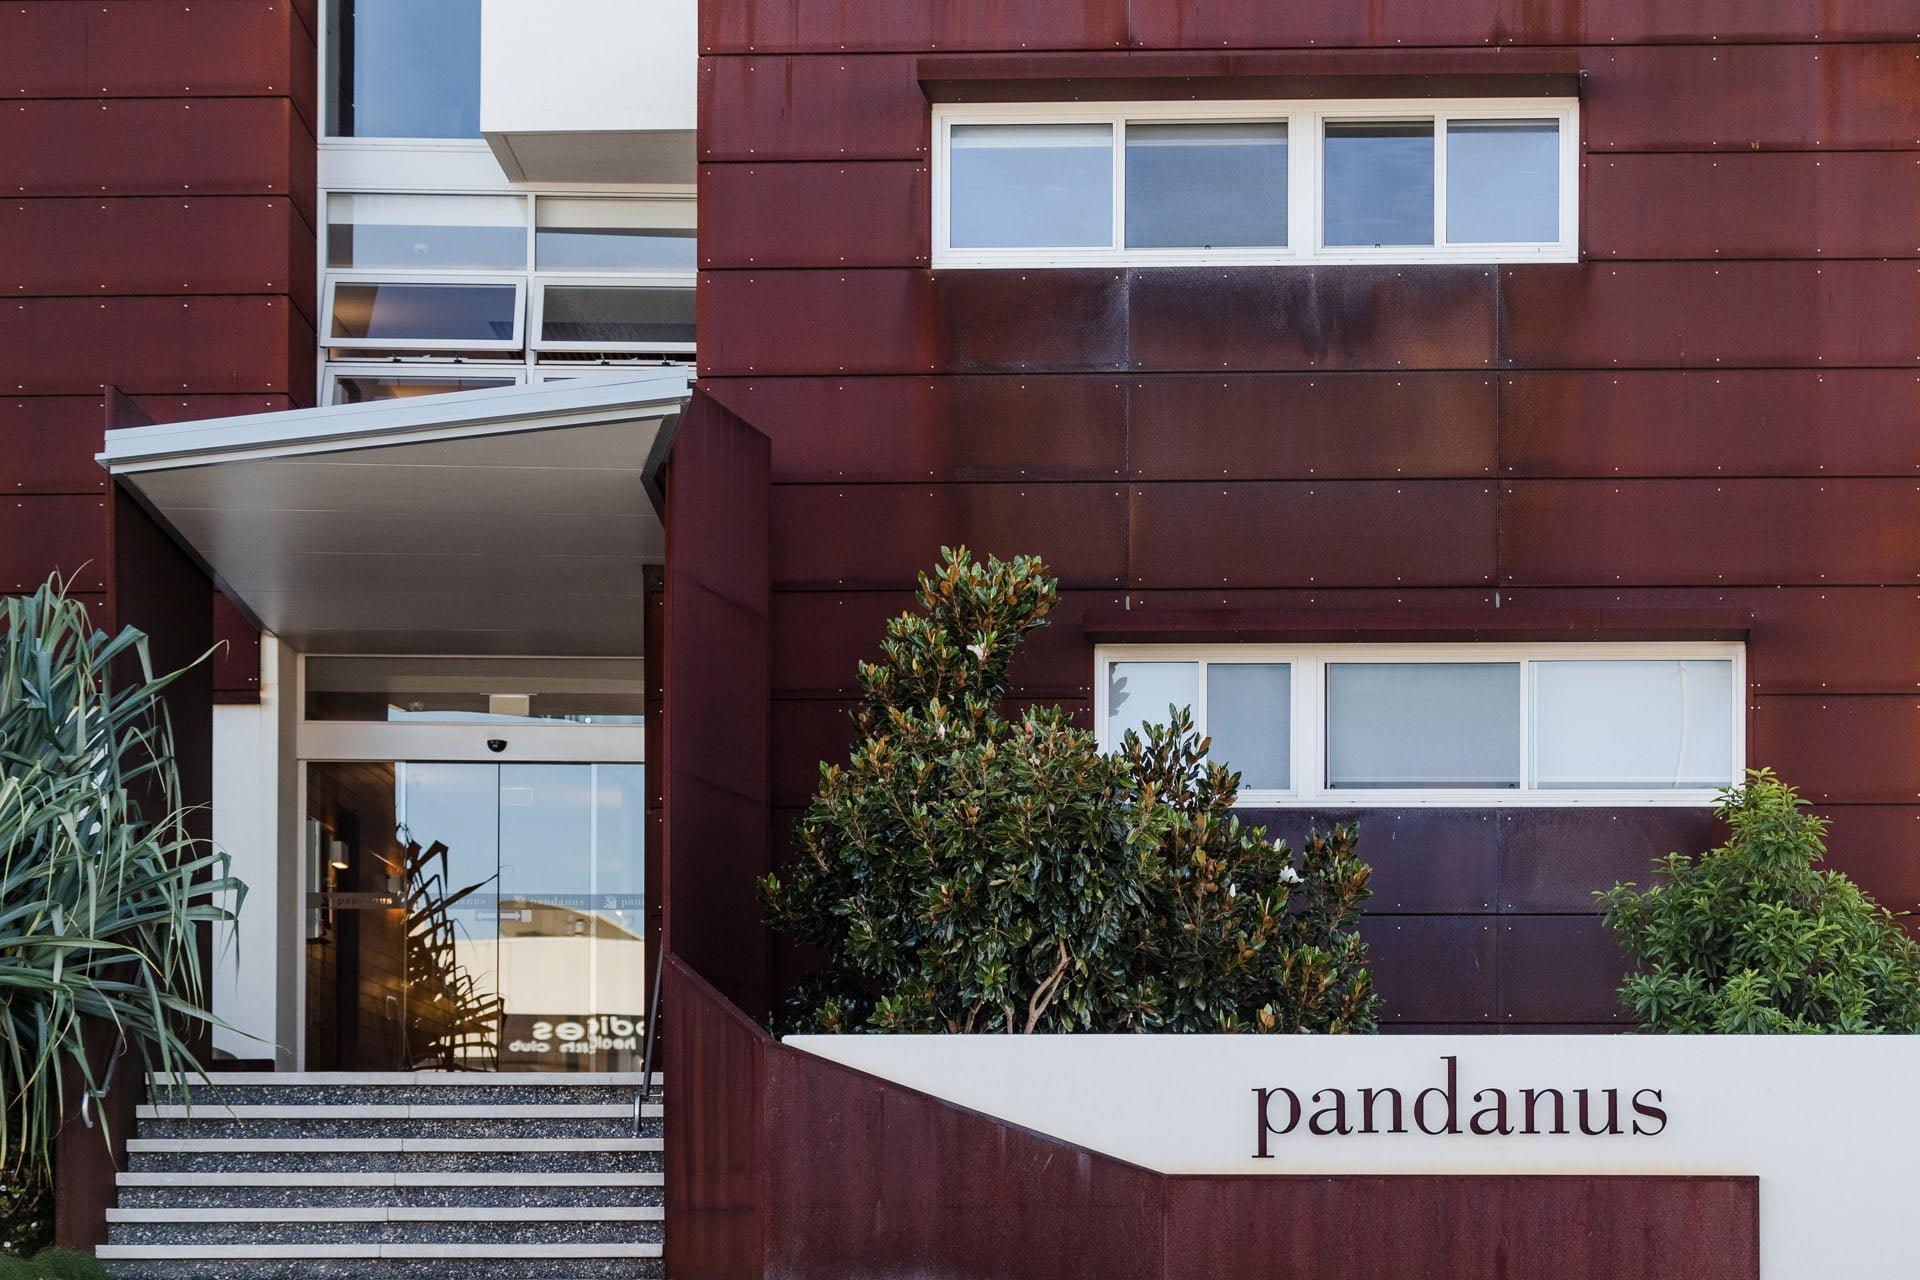 Pandanus_04